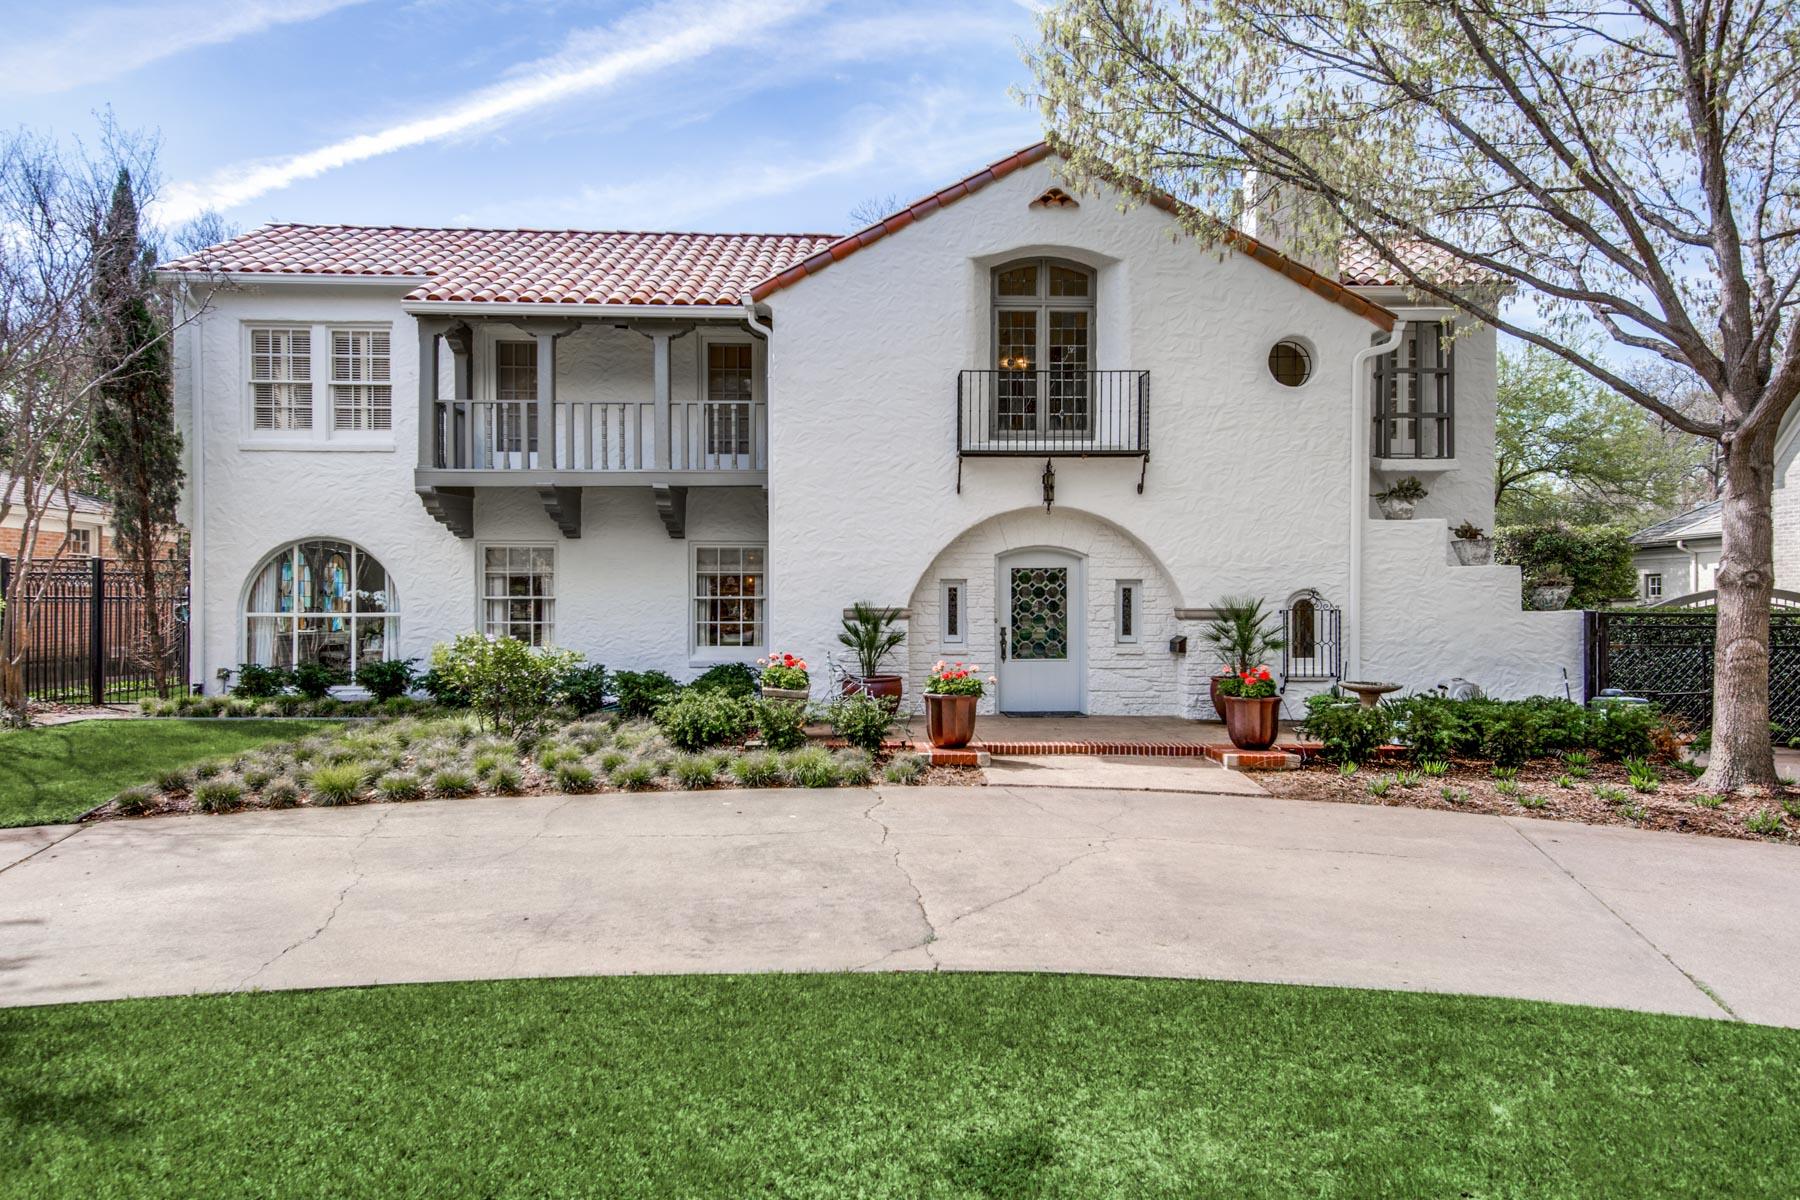 단독 가정 주택 용 매매 에 Greenway Parks Spanish Colonial Revival 5422 Montrose Drive, Dallas, 텍사스, 75209 미국